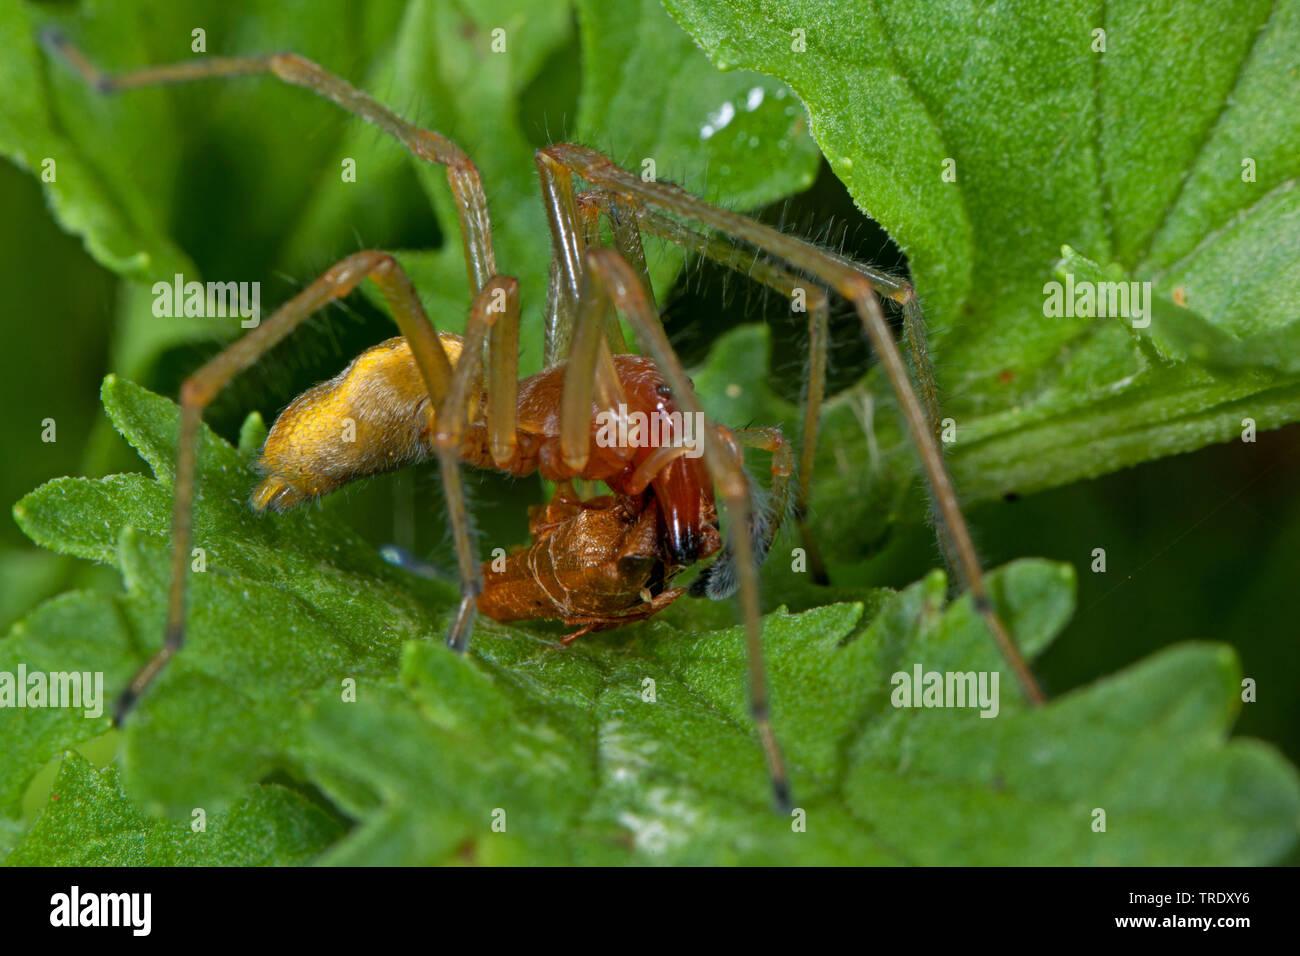 Dornfinger, Ammen-Dornfinger, Ammendornfinger (Cheiracanthium punctorium), sitzt auf einem Blatt, mit Beute, Deutschland | European sac spider (Cheira - Stock Image